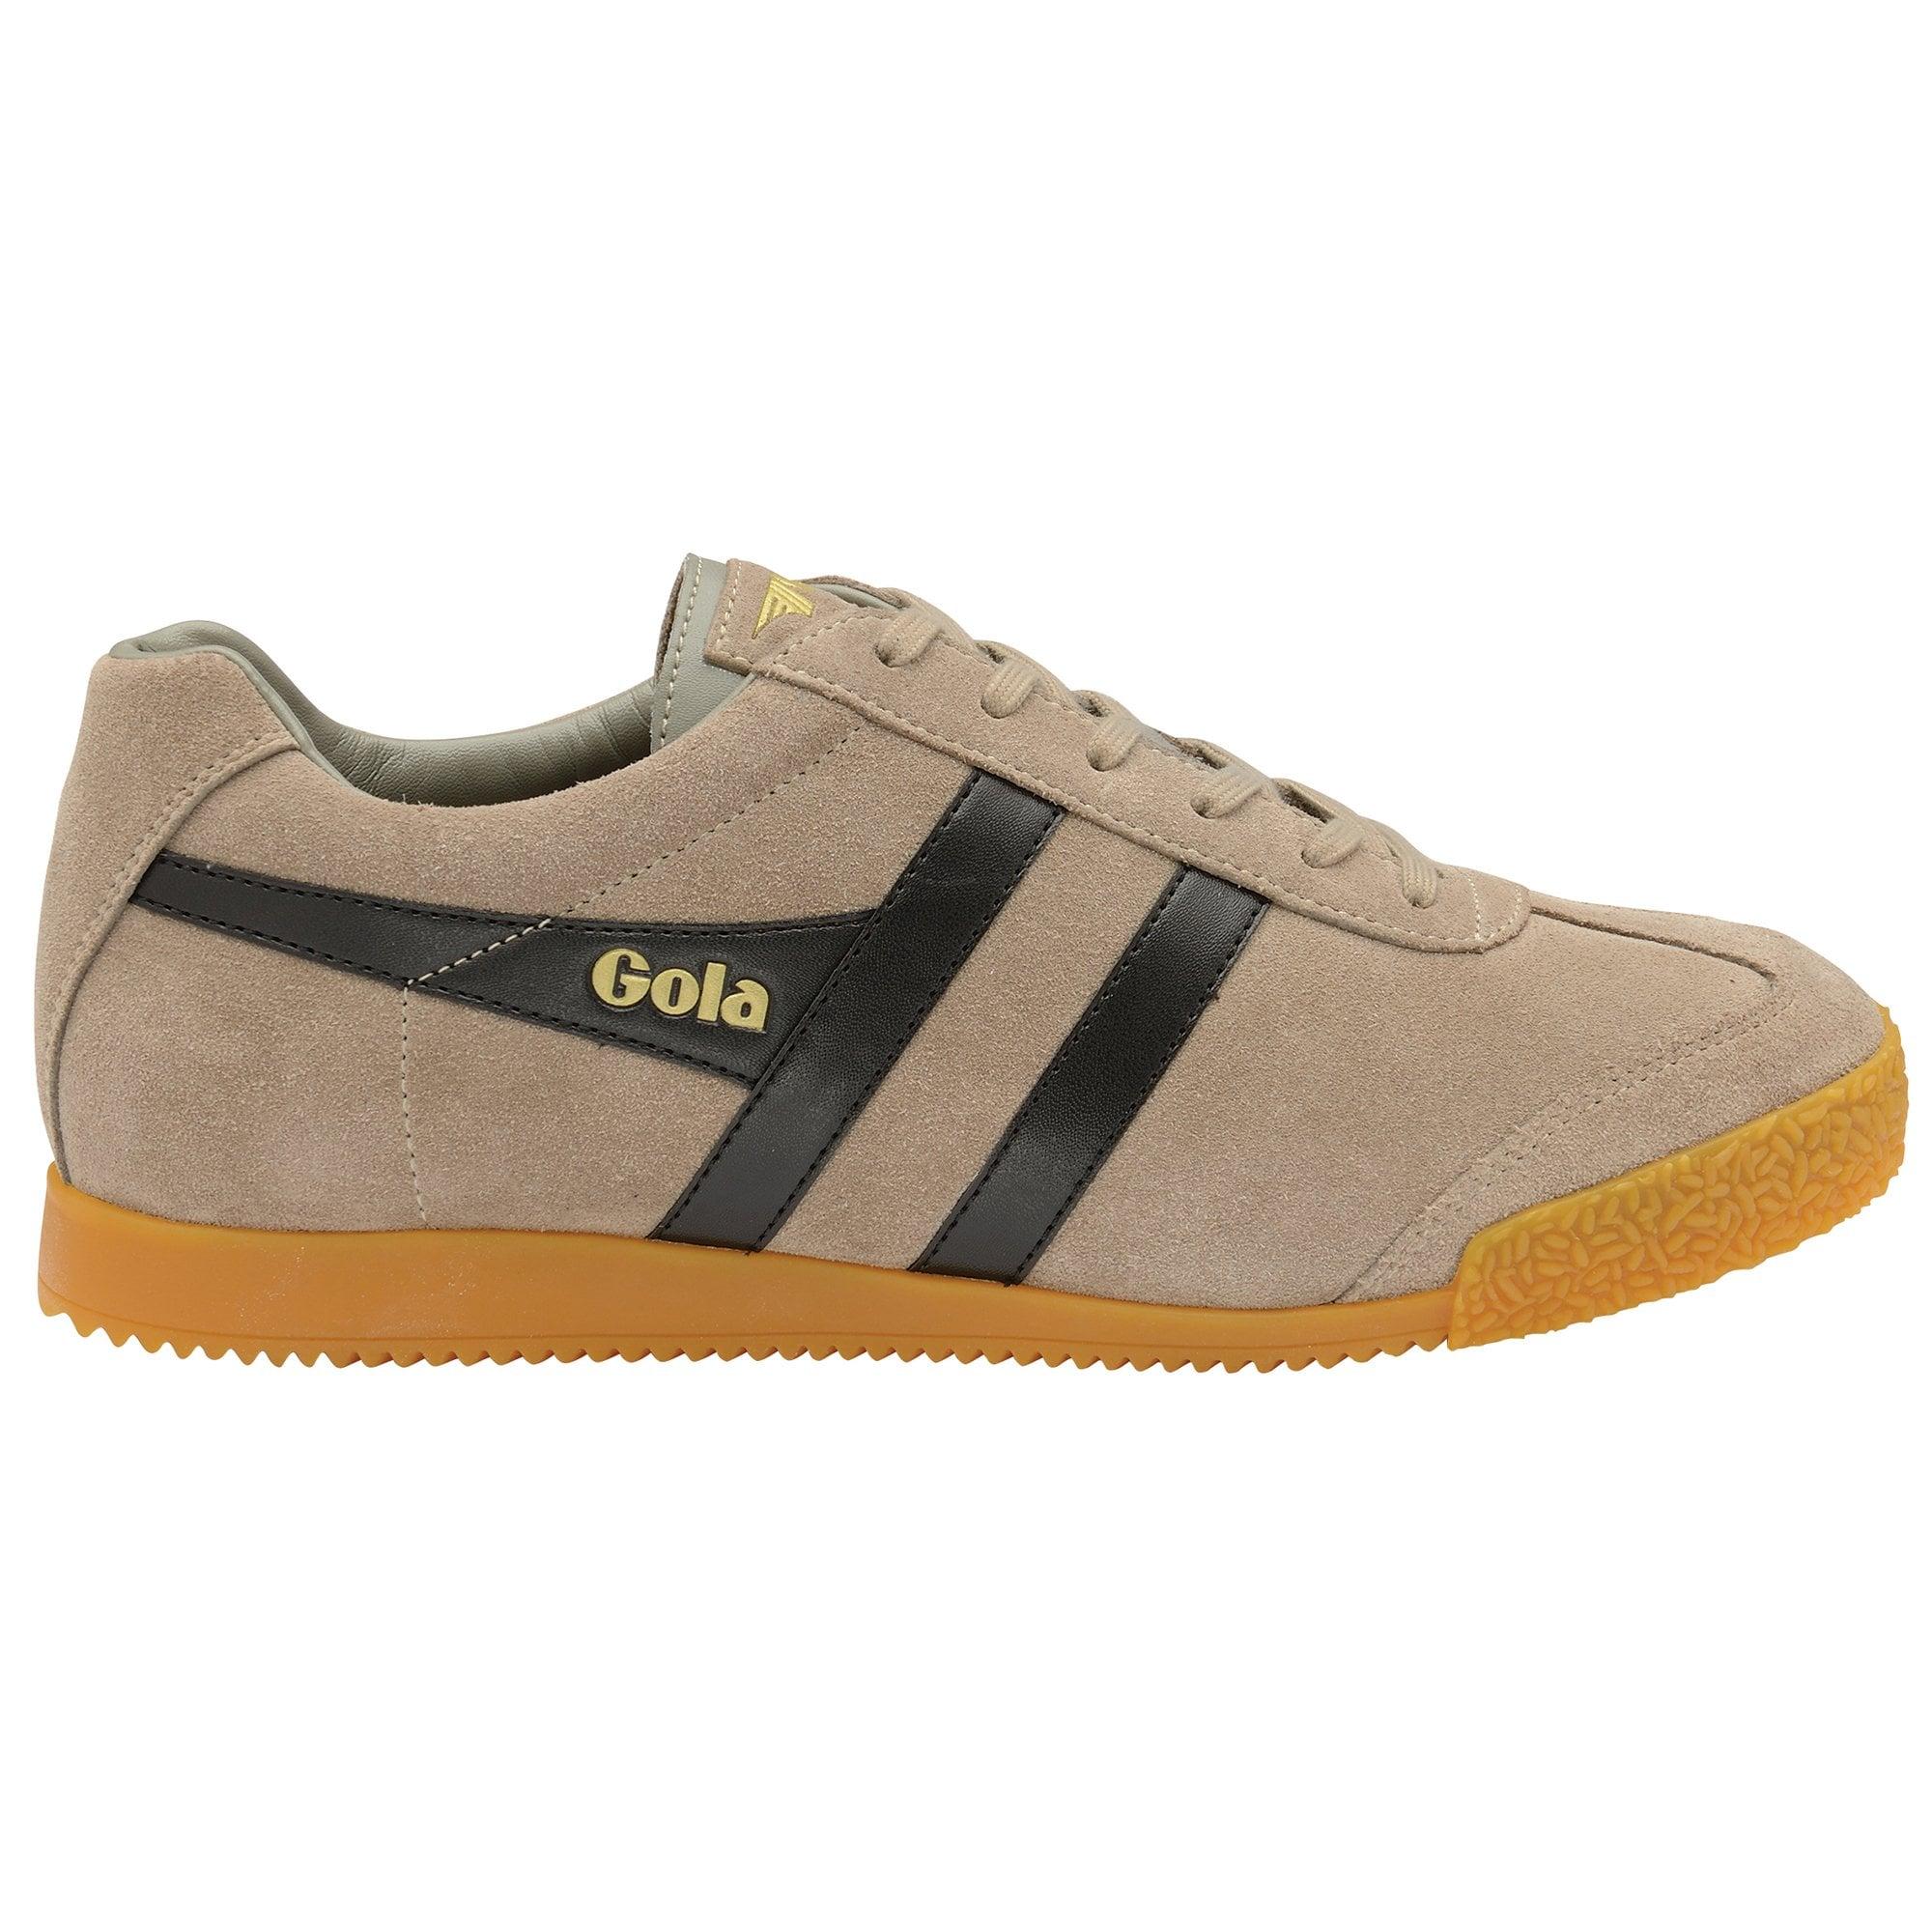 Buy Gola mens Harrier Suede sneaker in